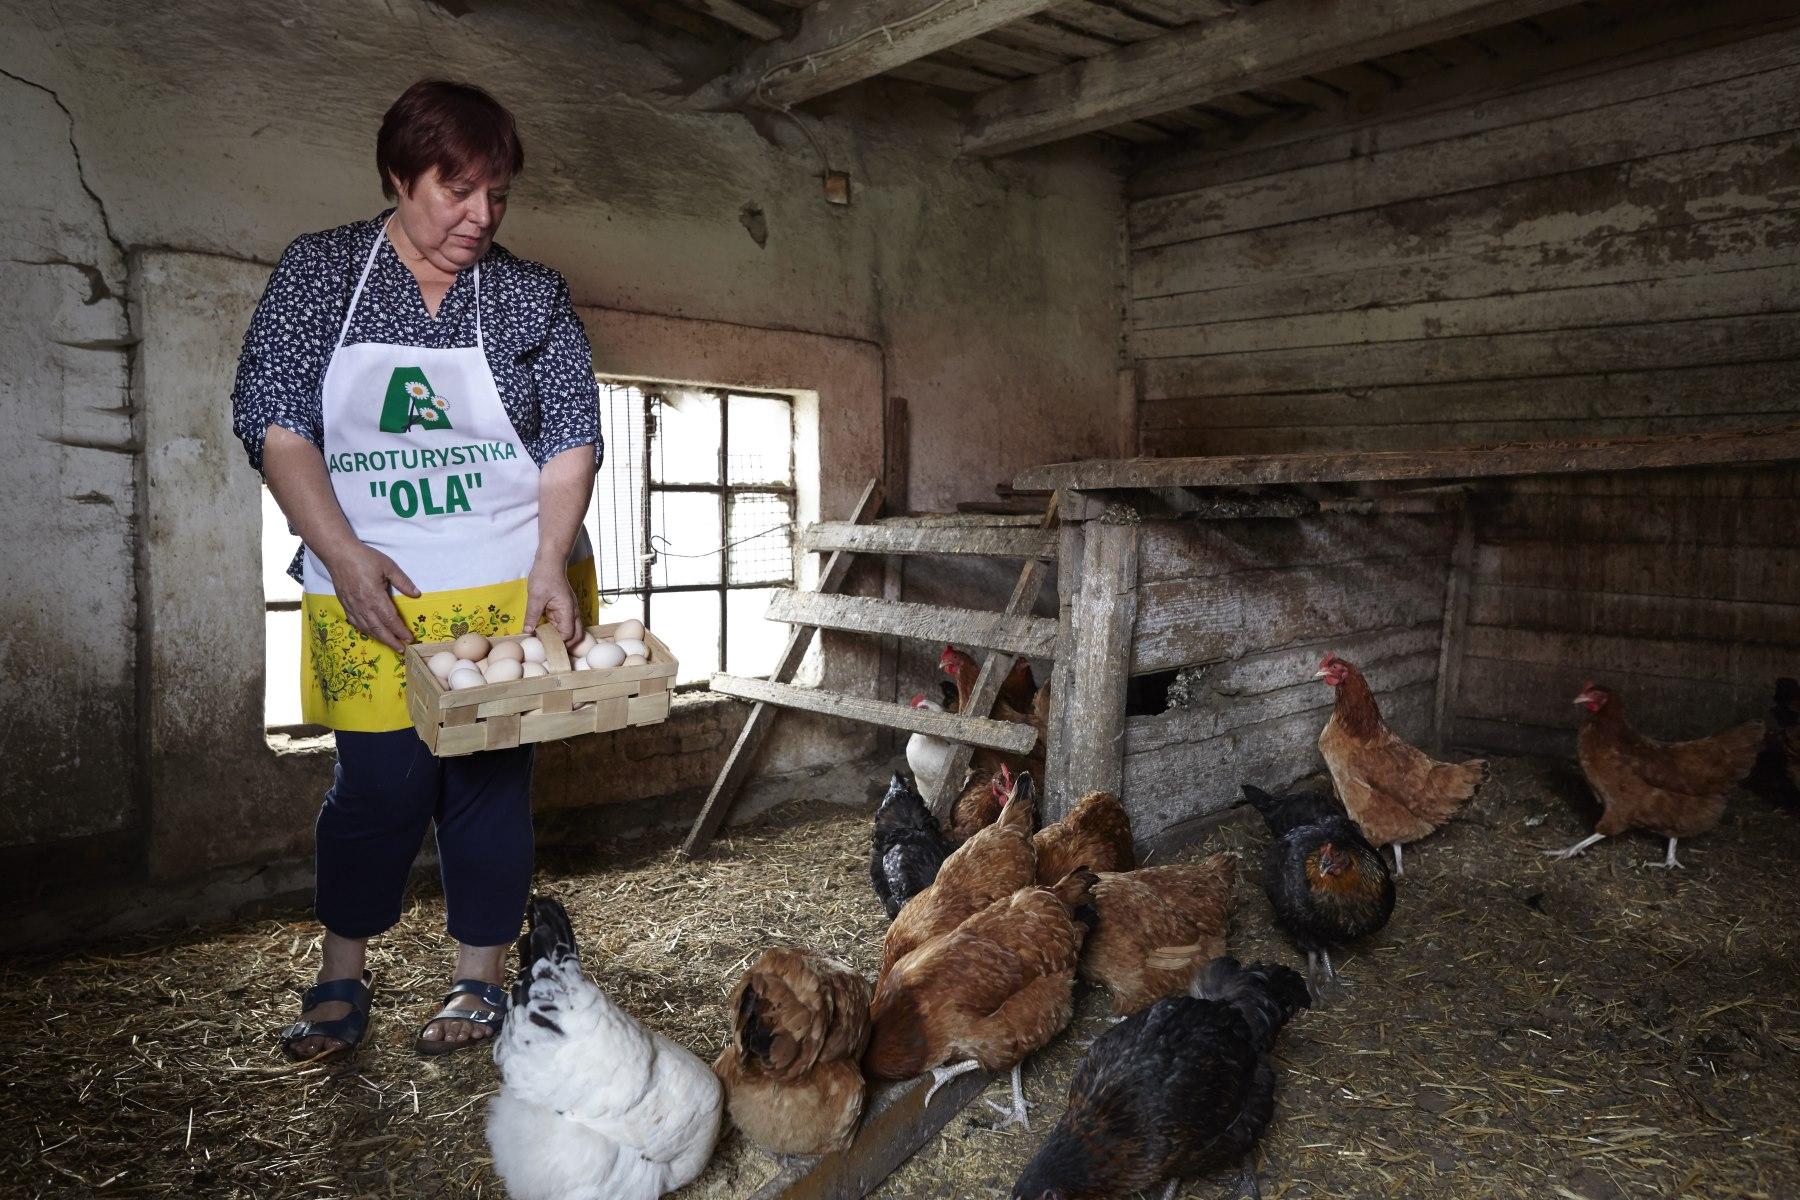 Kobieta w fartuchu karmi kury w kurniku